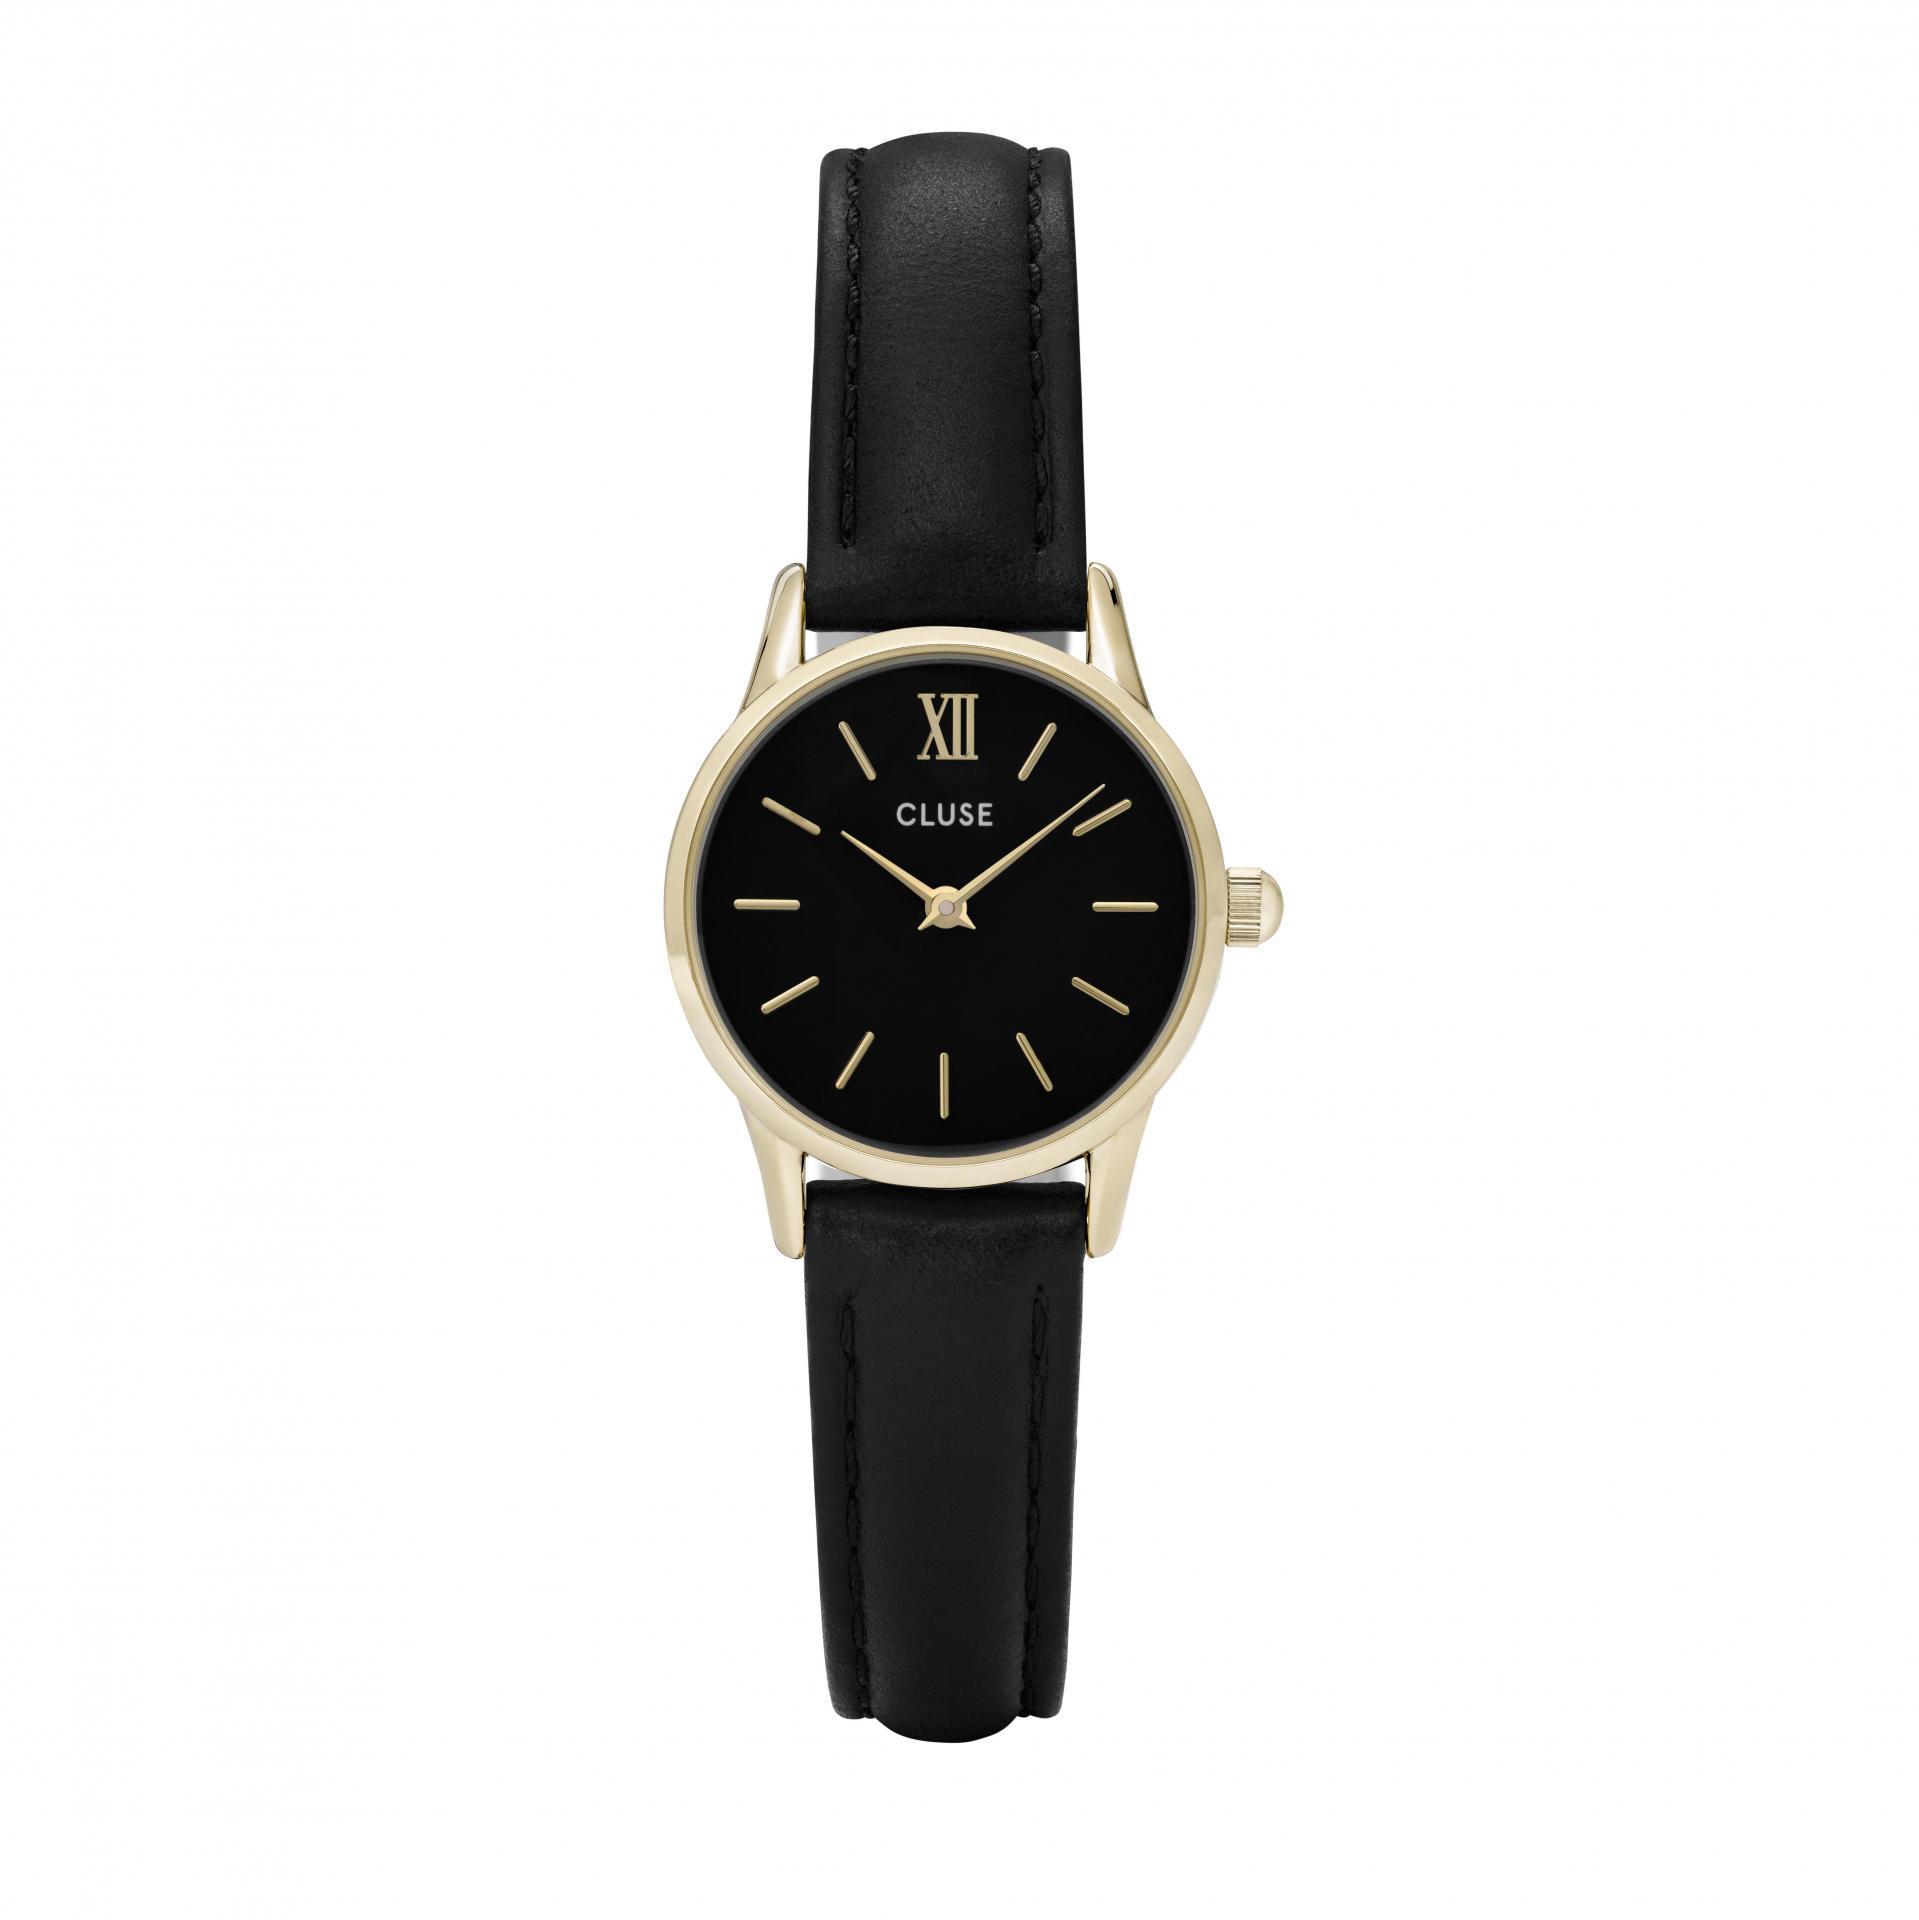 CLUSE Hodinky Cluse La Vedette Gold Black/Black, černá barva, zlatá barva, sklo, kov, kůže